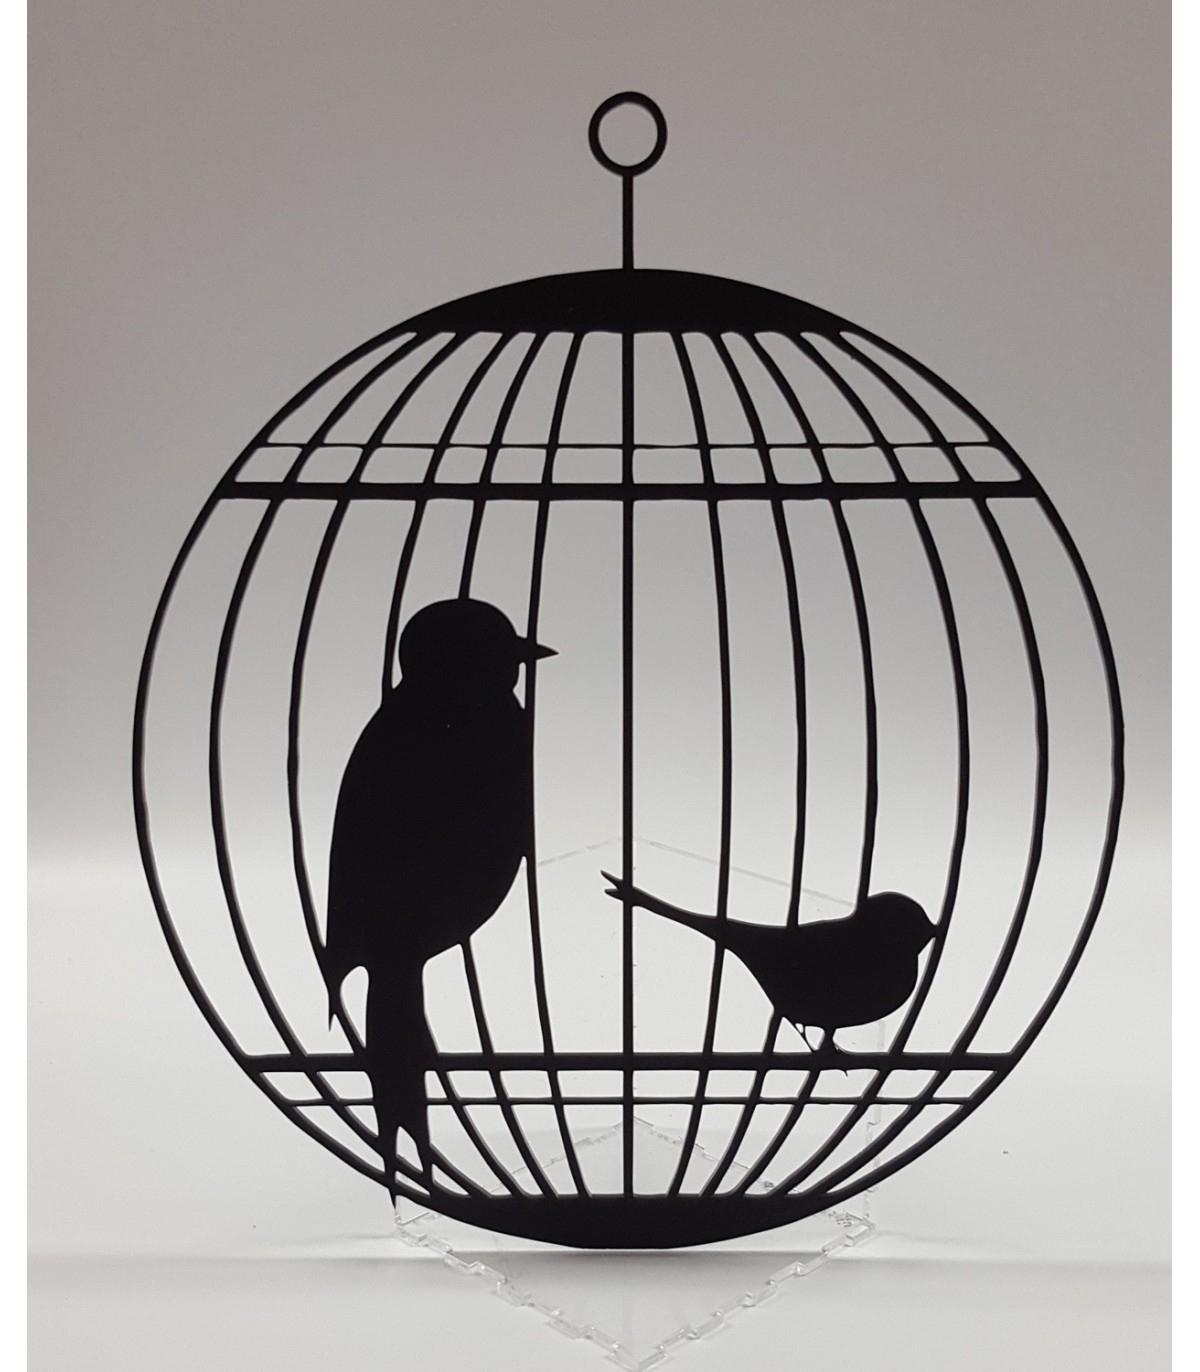 Décoration Cage Et Oiseau pour Dessin De Cage D Oiseau